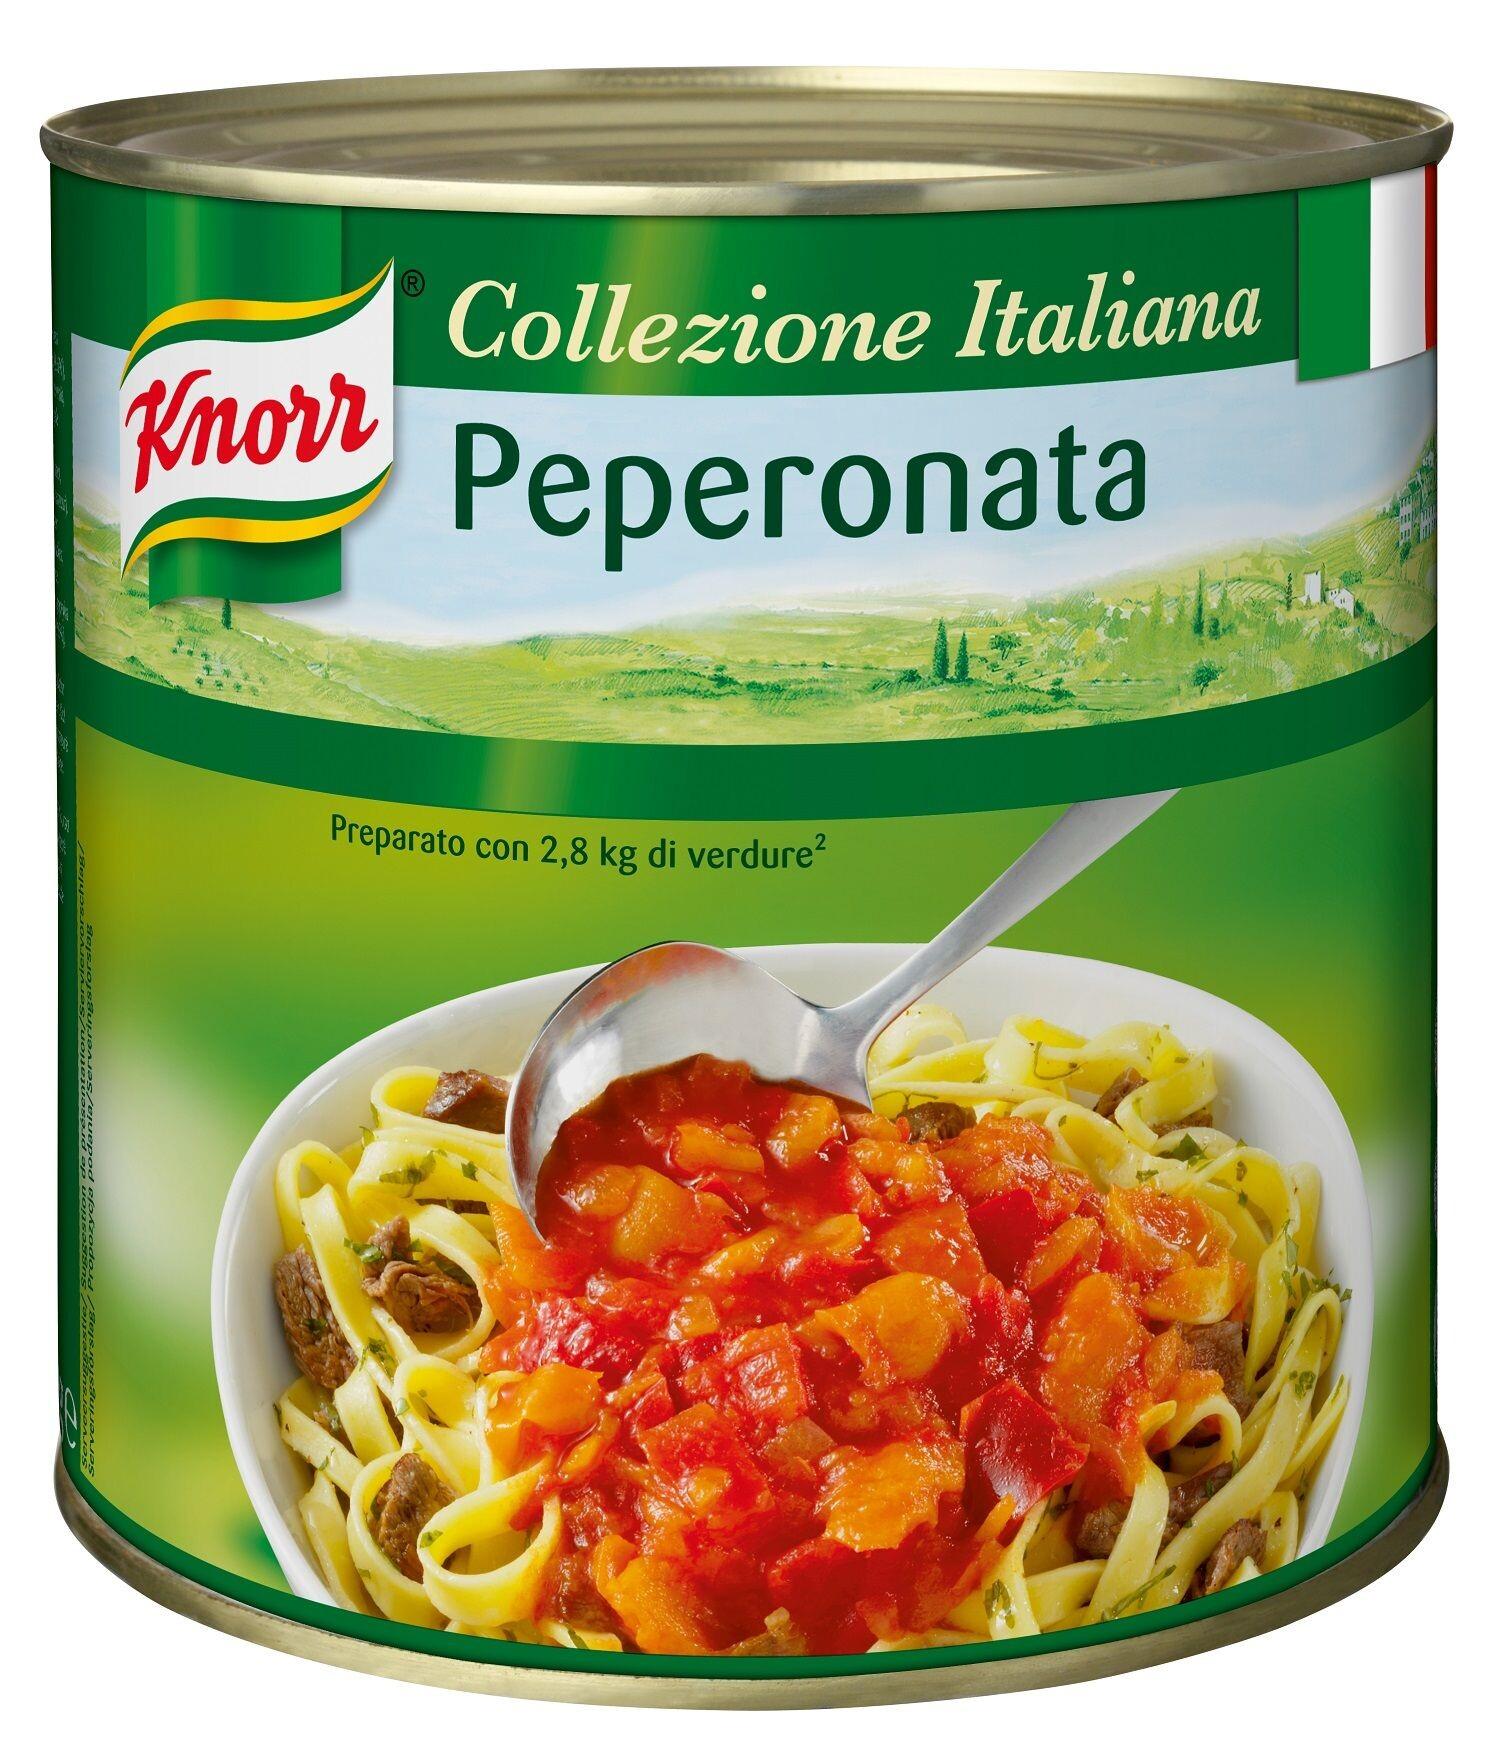 Knorr Peperonata saus 3L blik Collezione Italiana